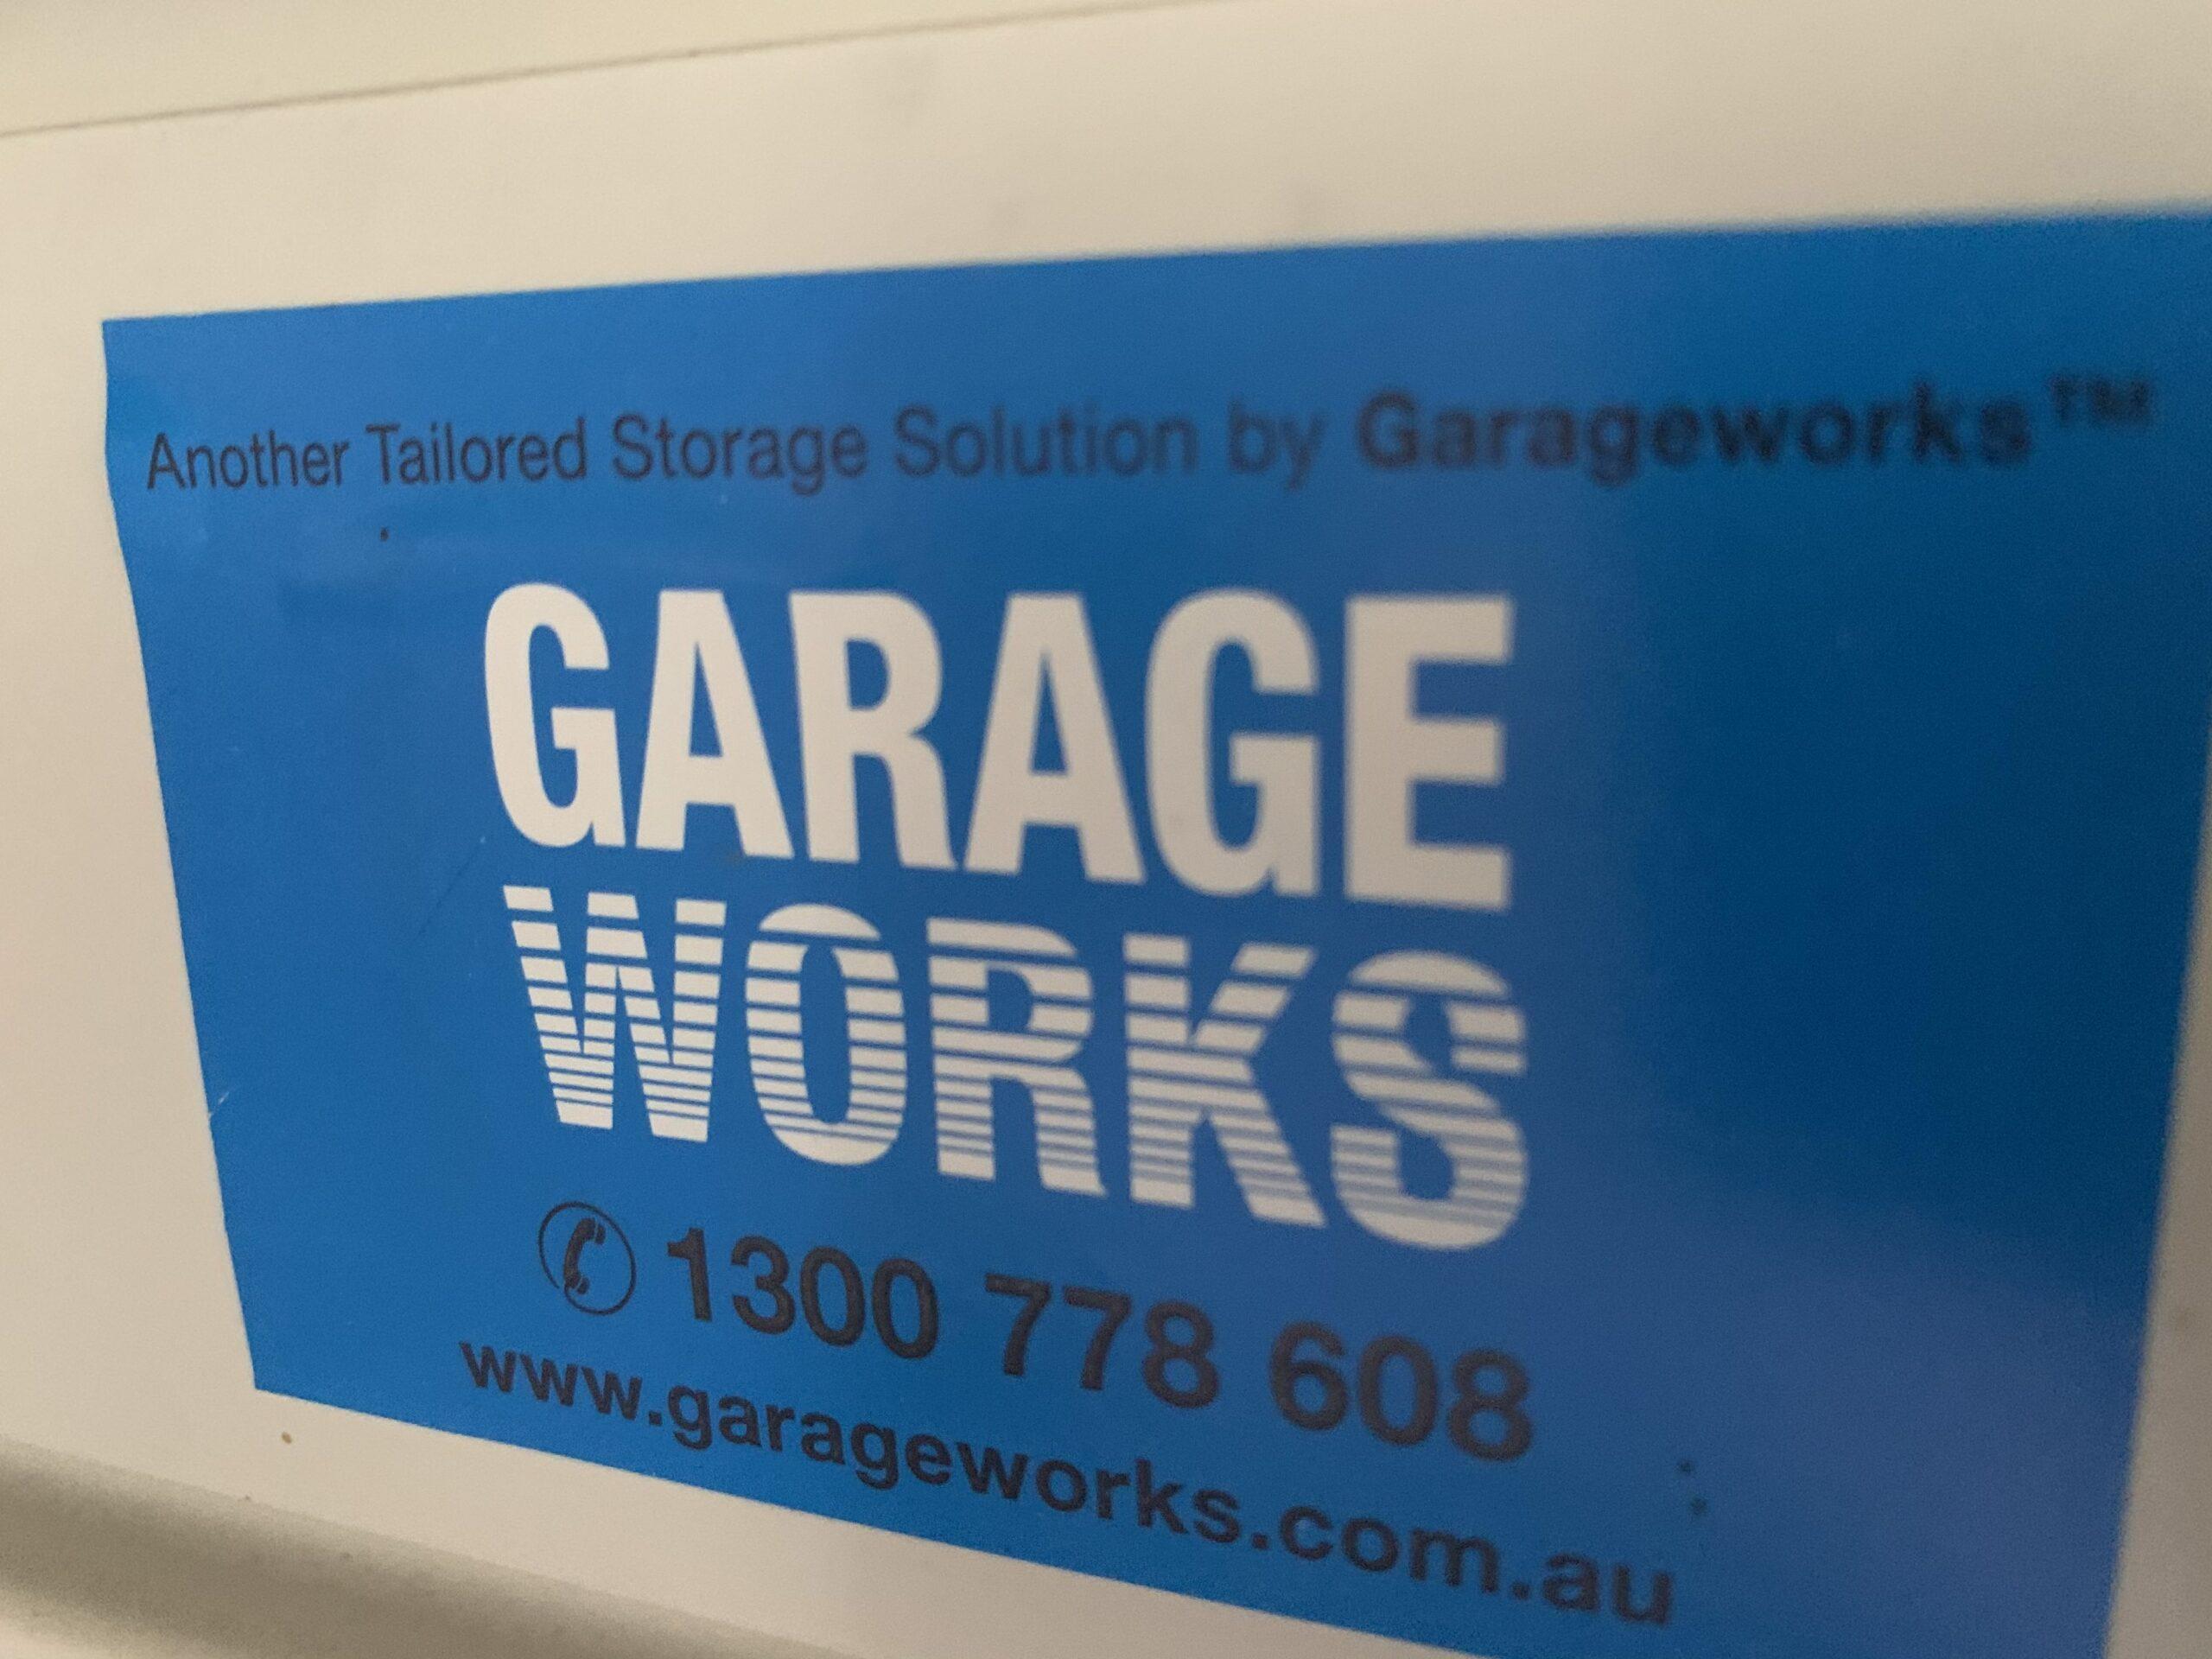 Garage Works Tailored Storage Solutions